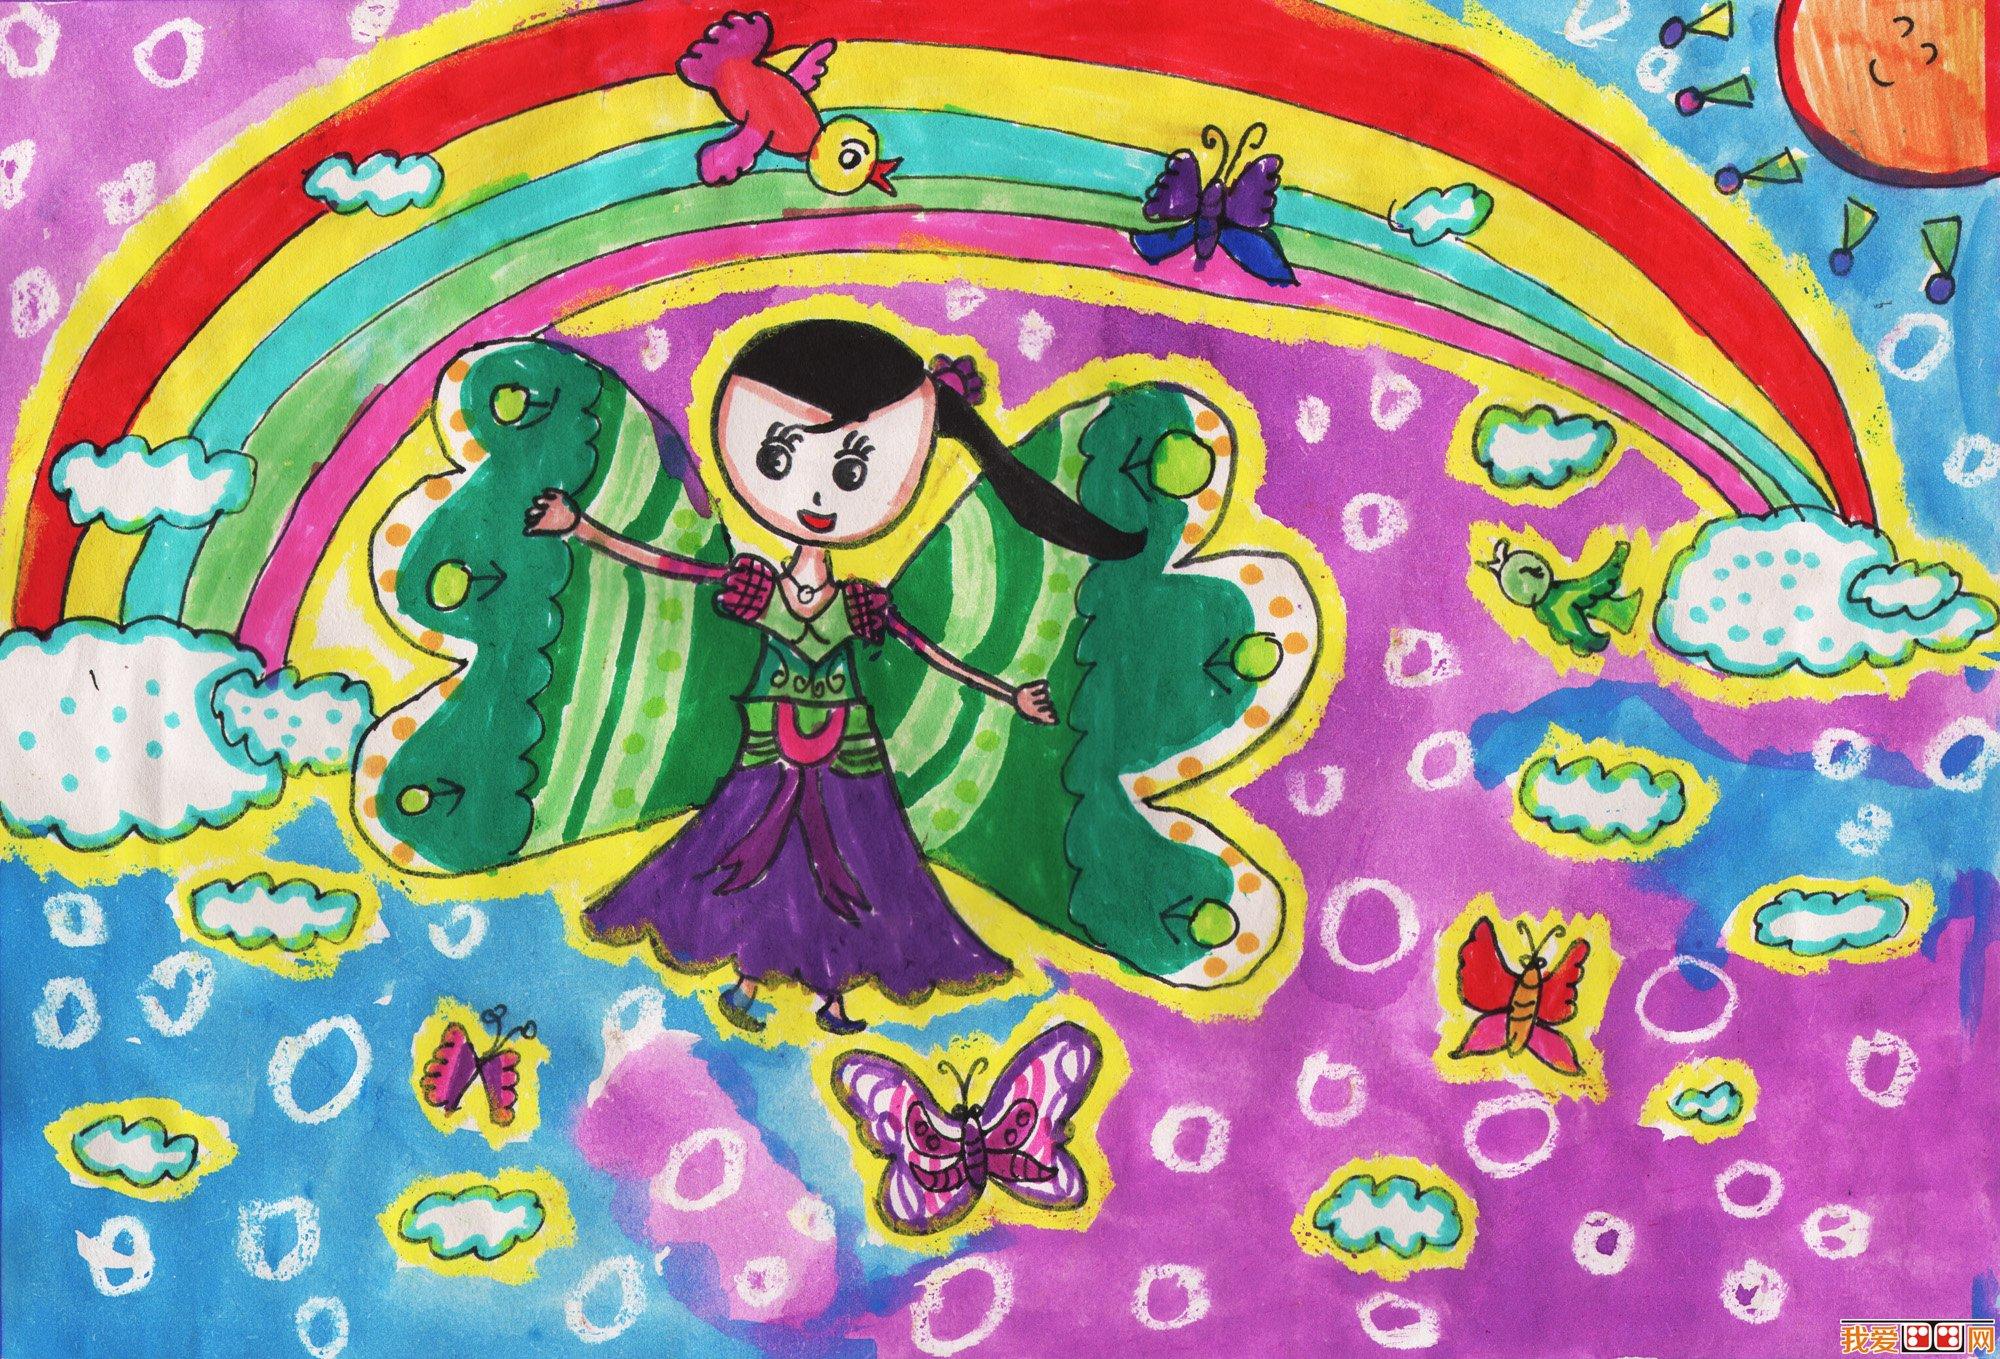 美丽的彩虹儿童画作品欣赏(2)_儿童画教程_学画画_我